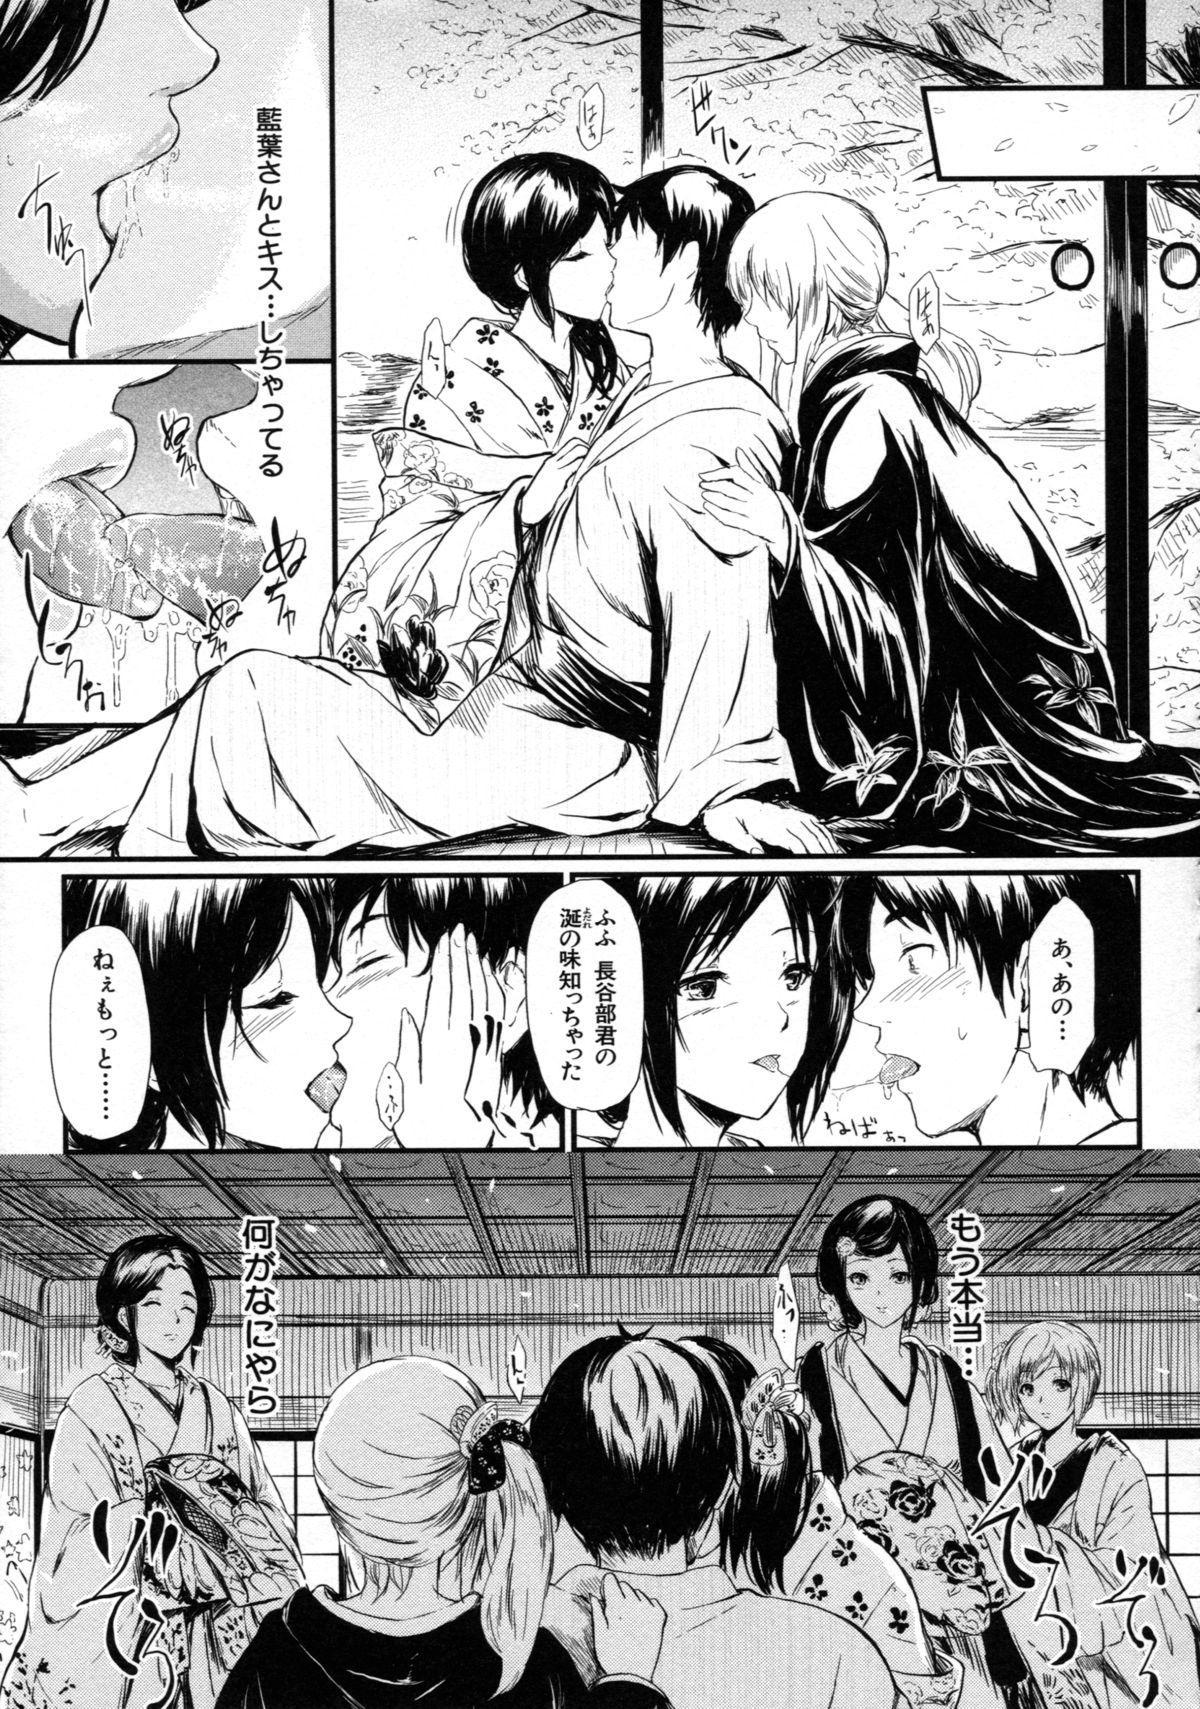 [Shiki Takuto] Tokoharu no Shoujo-tachi - The Girls in the Eternal Spring 34